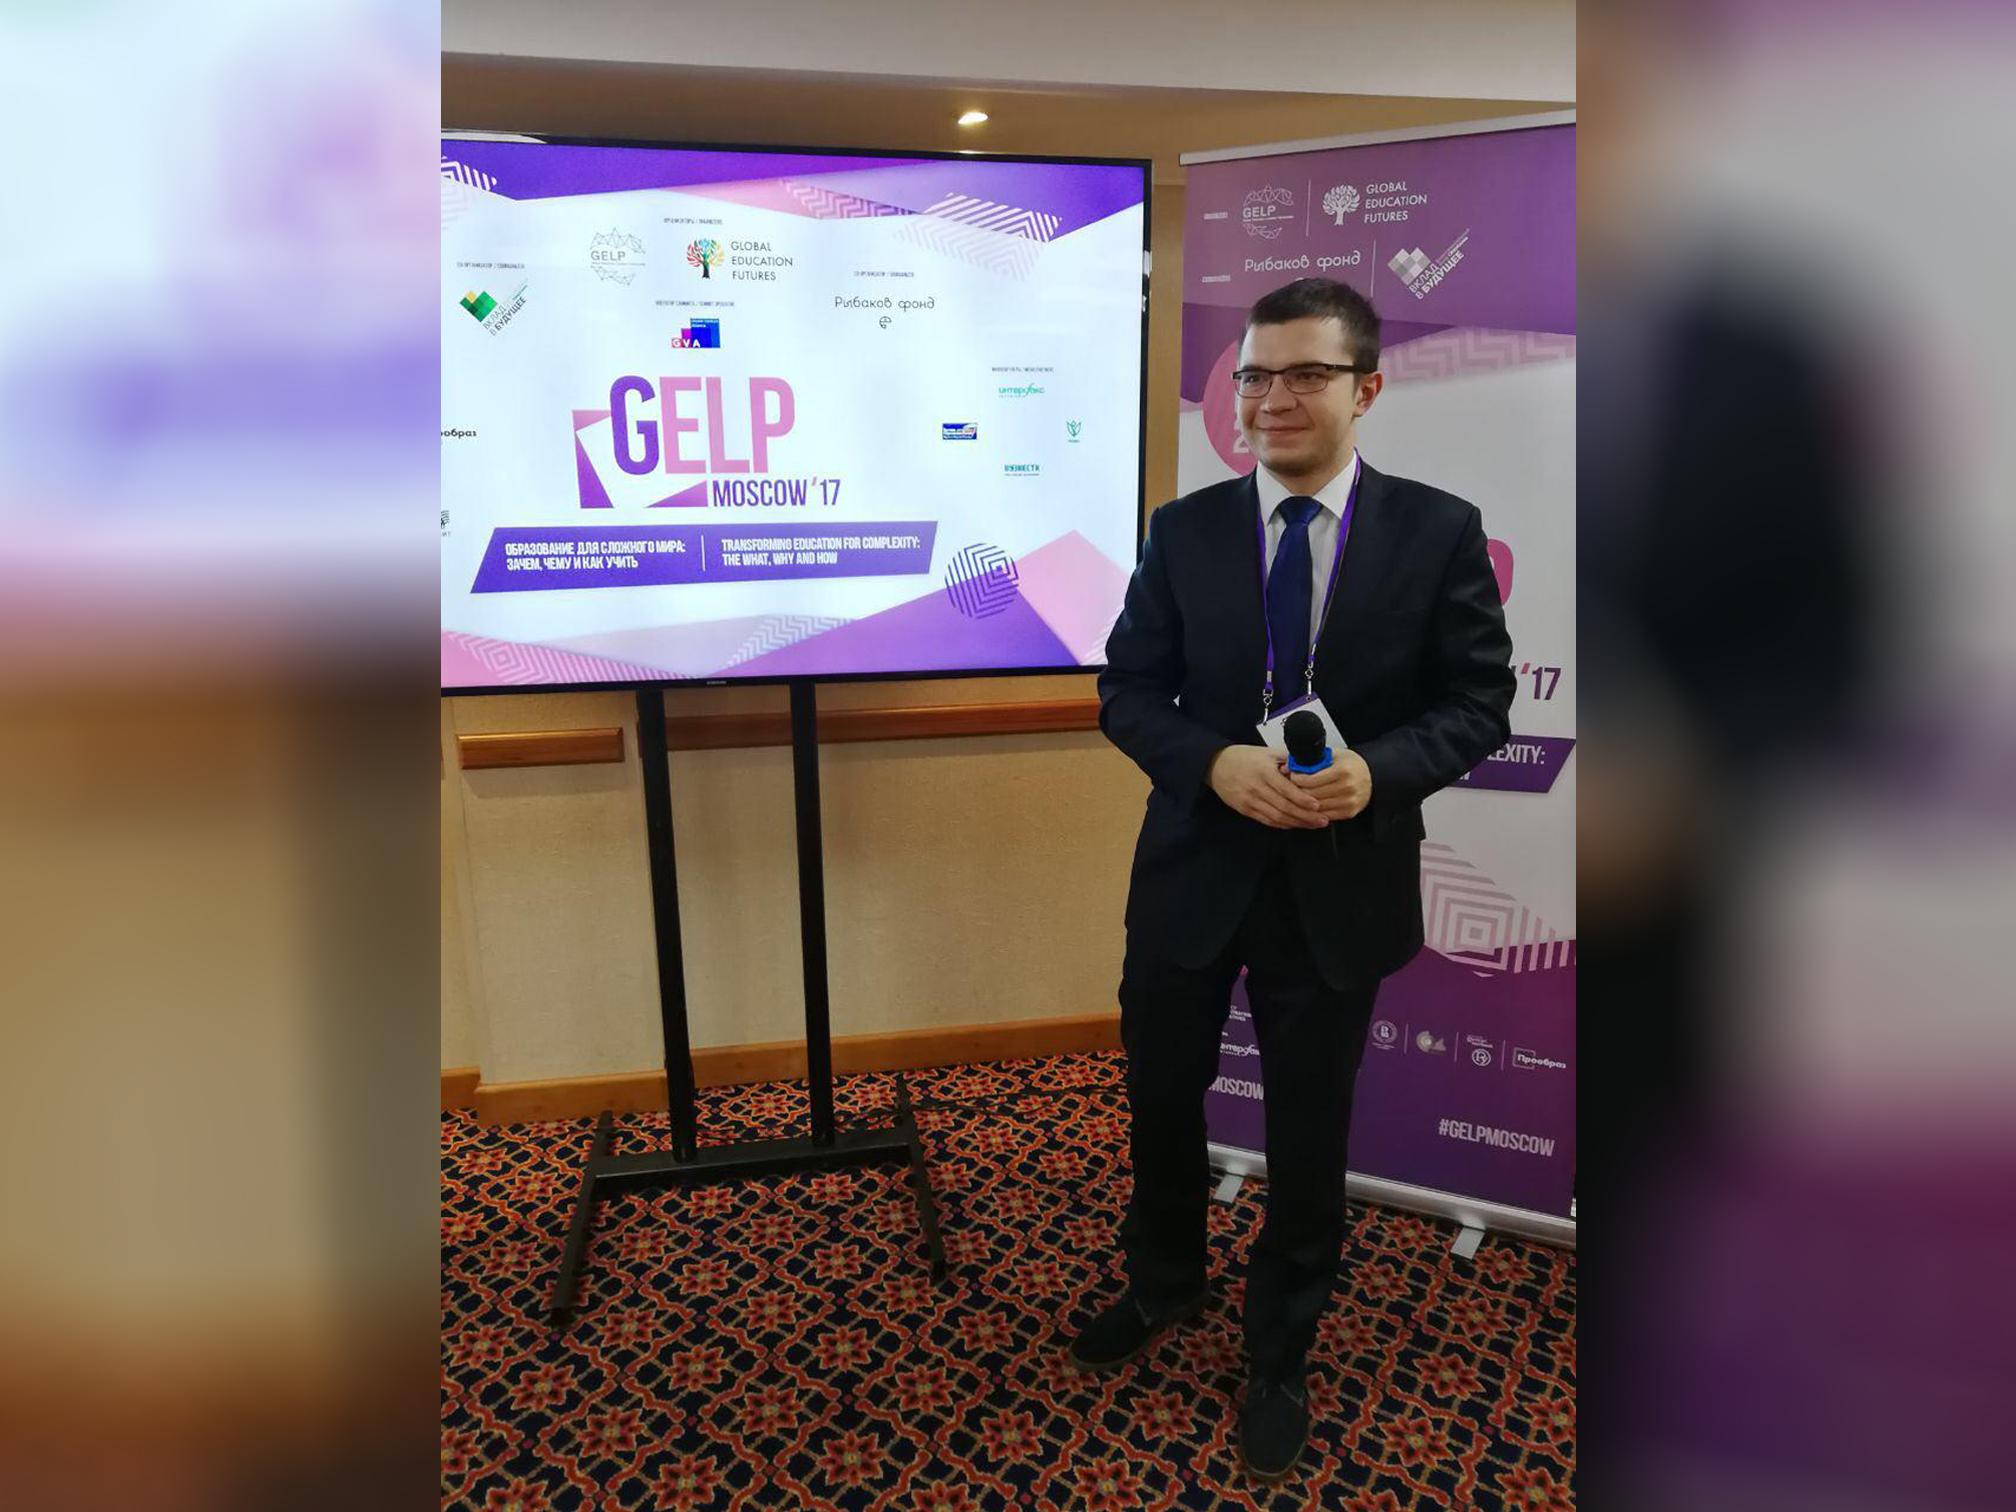 Кирилл Заведенский на саммите GELP